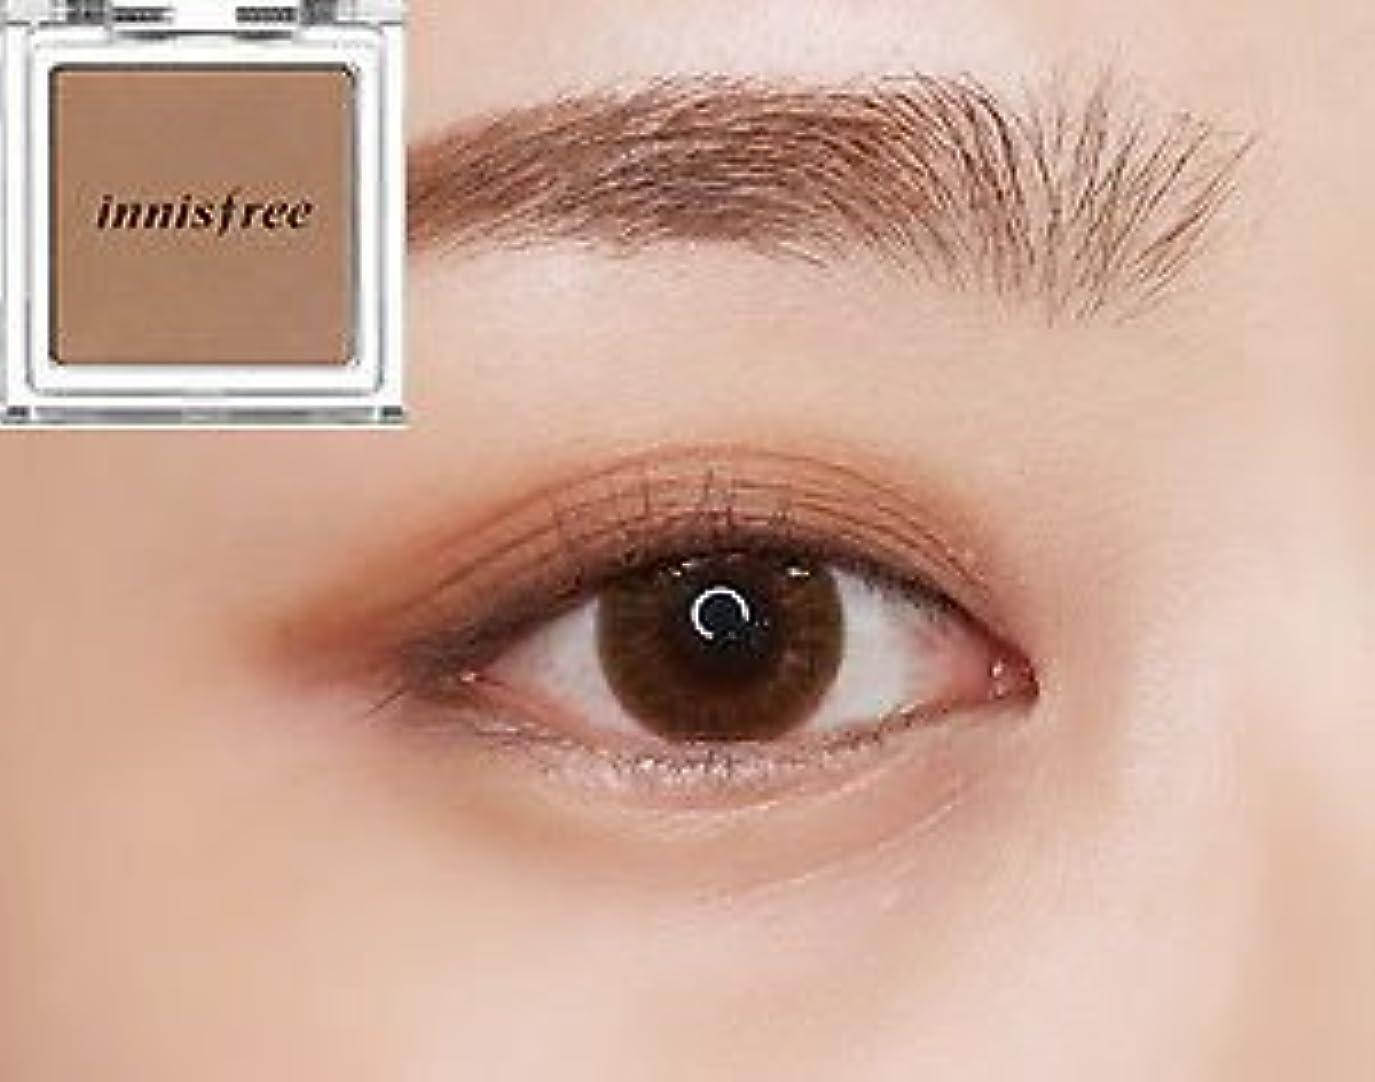 ただ事実上パッド[イニスフリー] innisfree [マイ パレット マイ アイシャドウ (マット) 40カラー] MY PALETTE My Eyeshadow (Matte) 40 Shades [海外直送品] (マット #19)